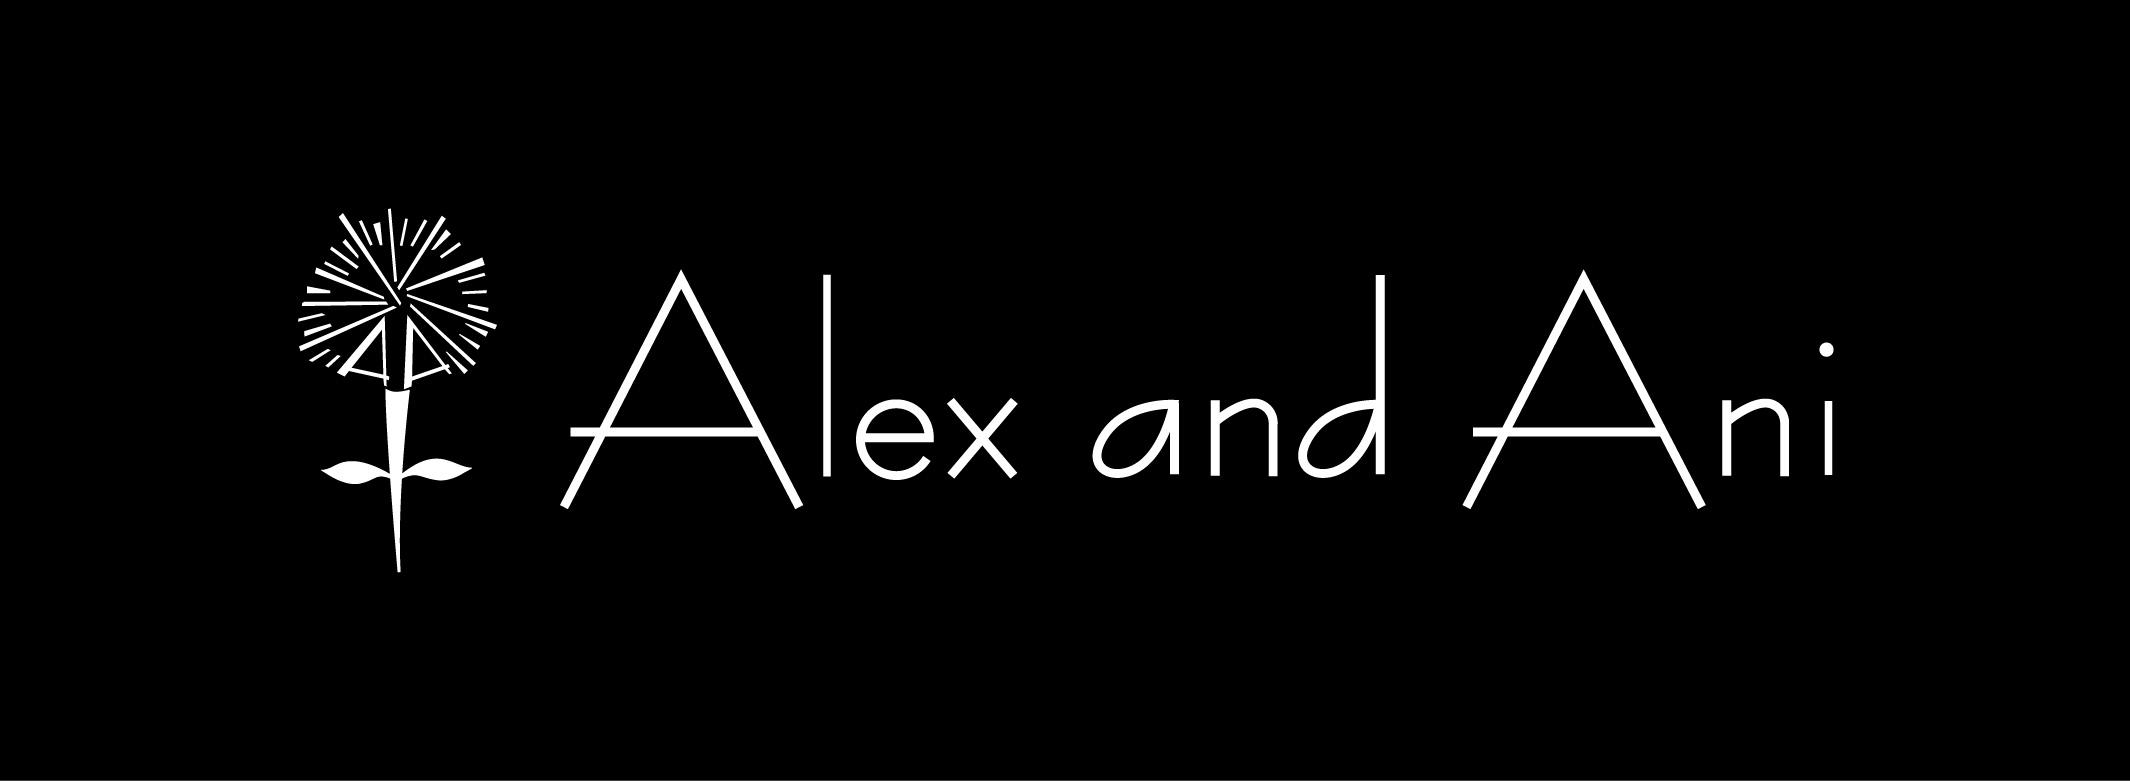 Alex And Ani Christmas